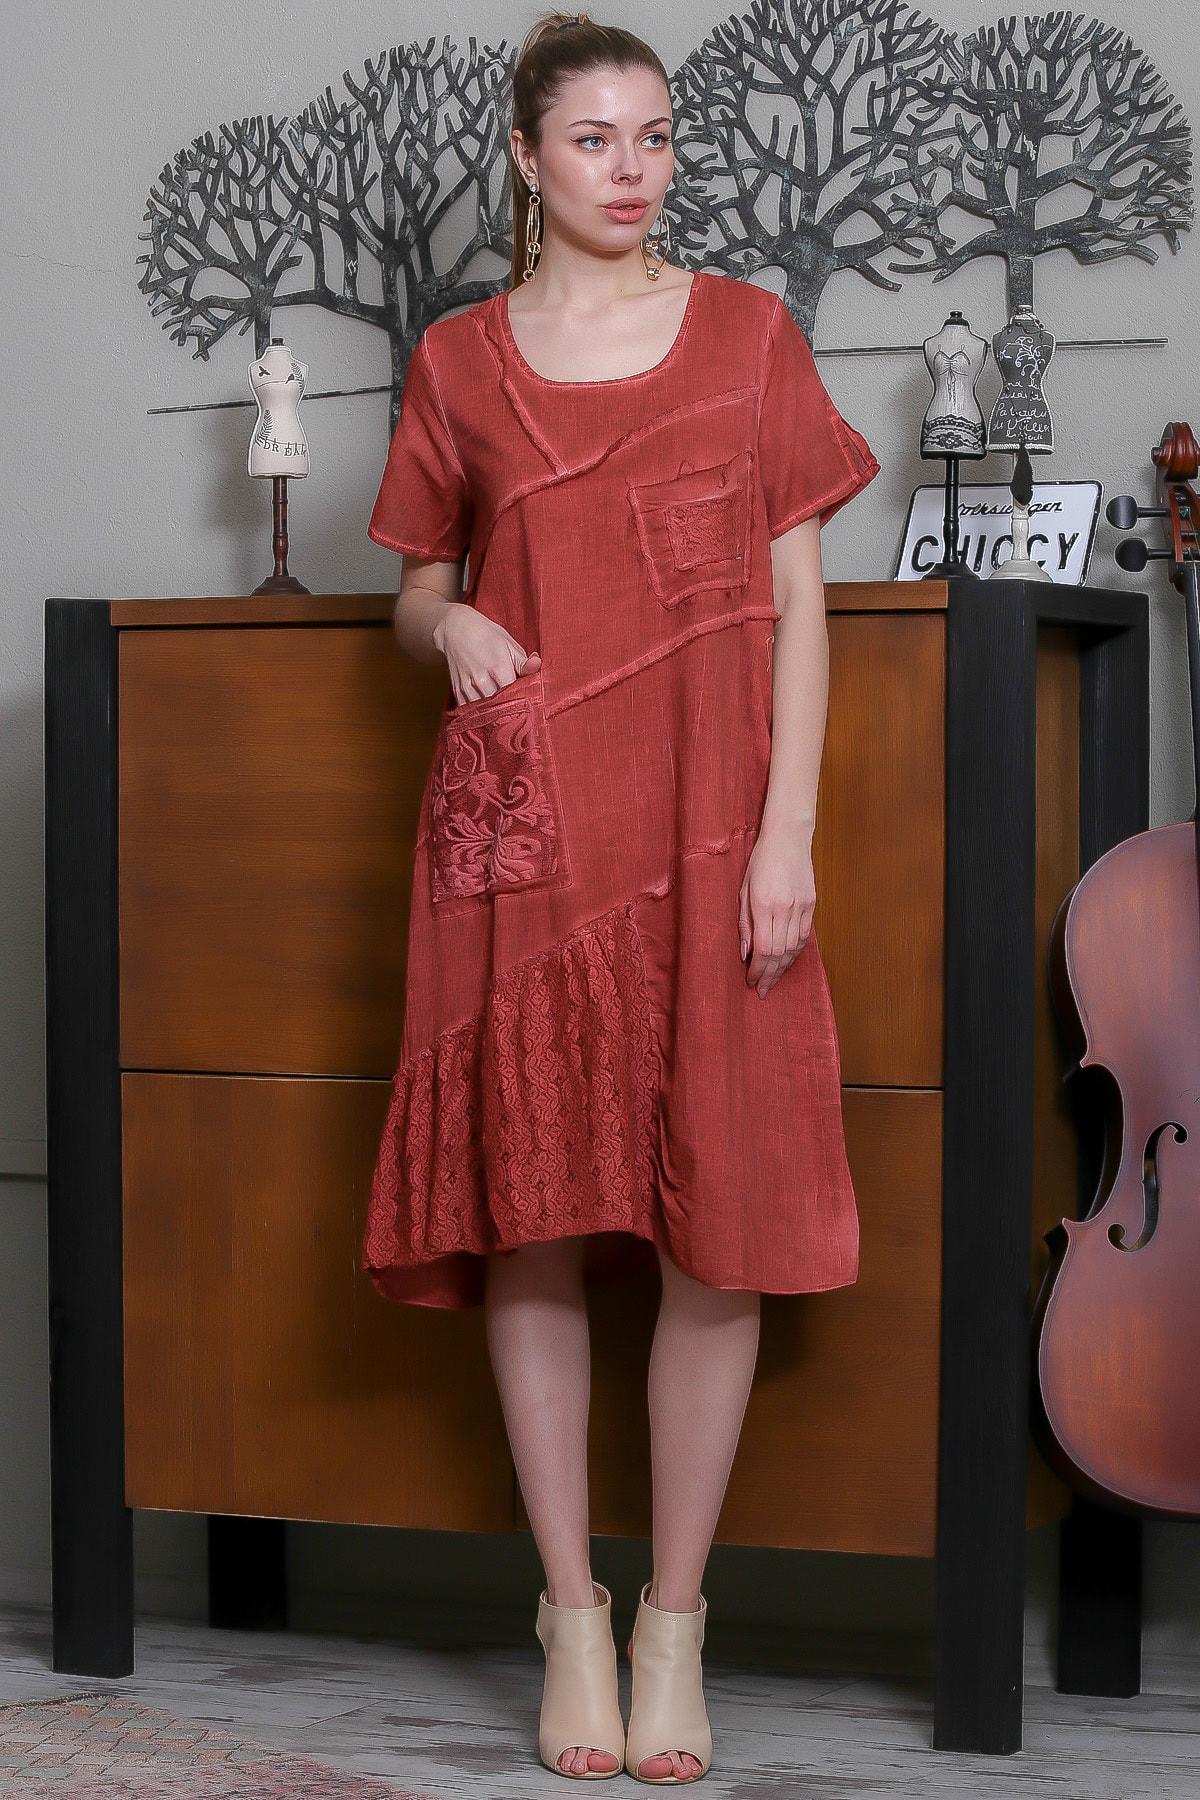 Chiccy Kadın Kiremit Sıfır Yaka Dantel Bloklu Cepli Astarlı Yıkamalı Elbise M10160000EL95294 2